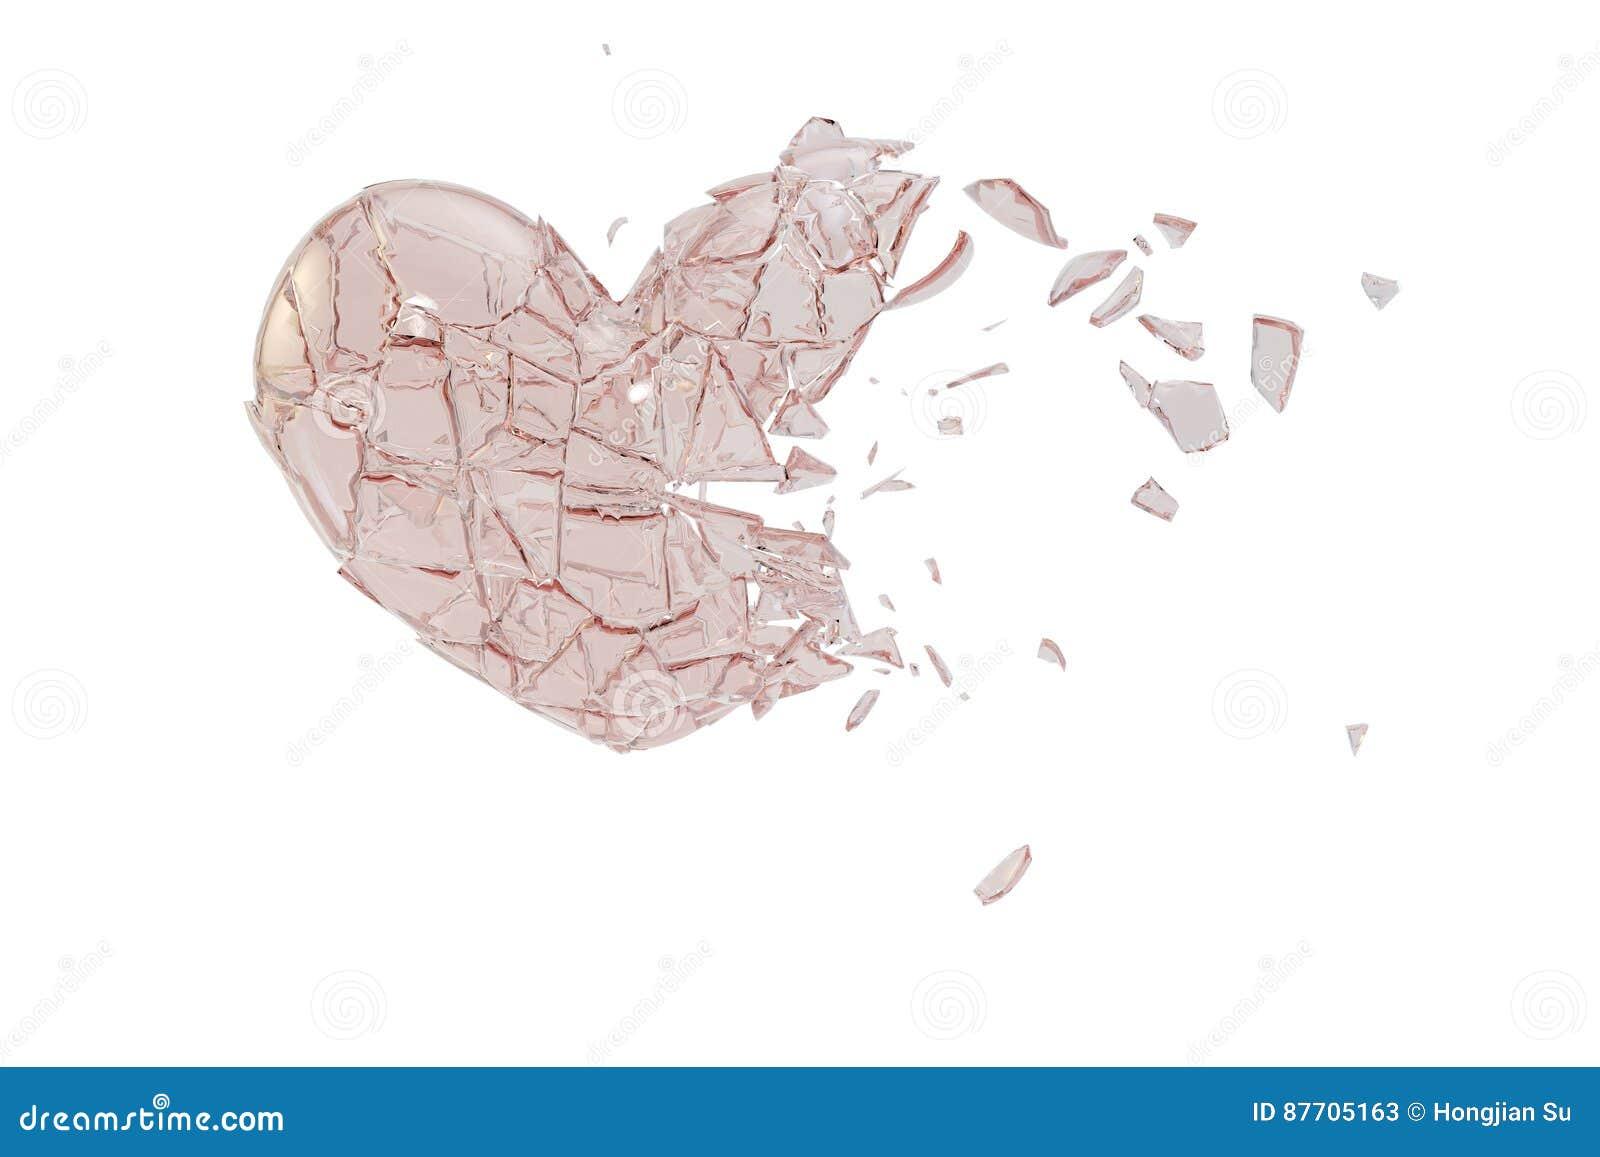 En forme de coeur en verre cassé